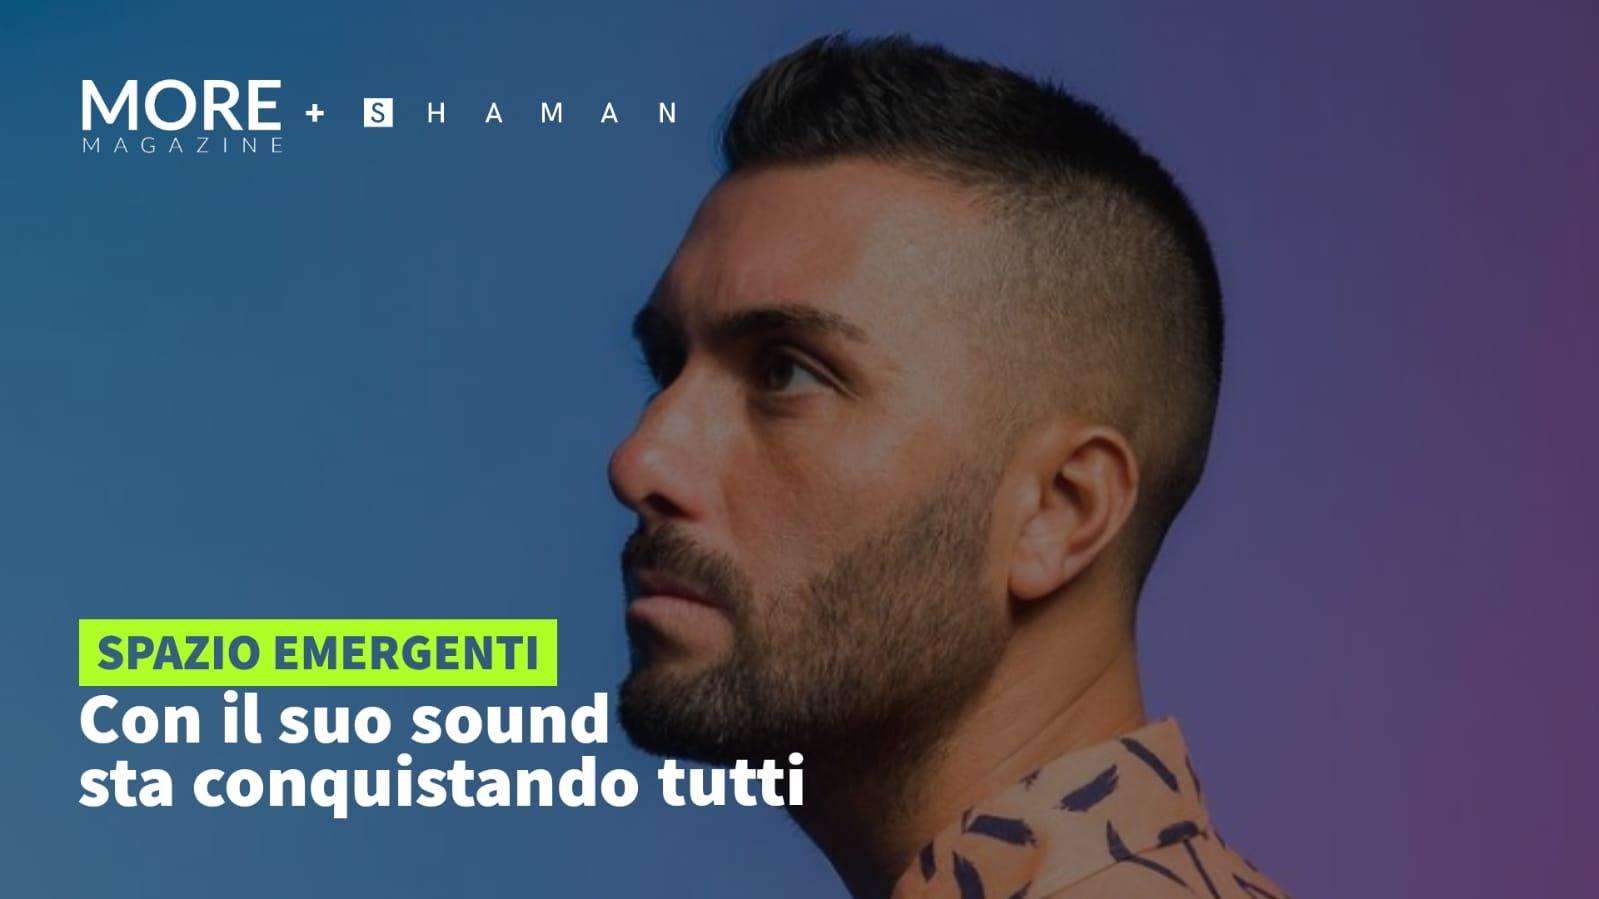 Taranto ha una nuova stella